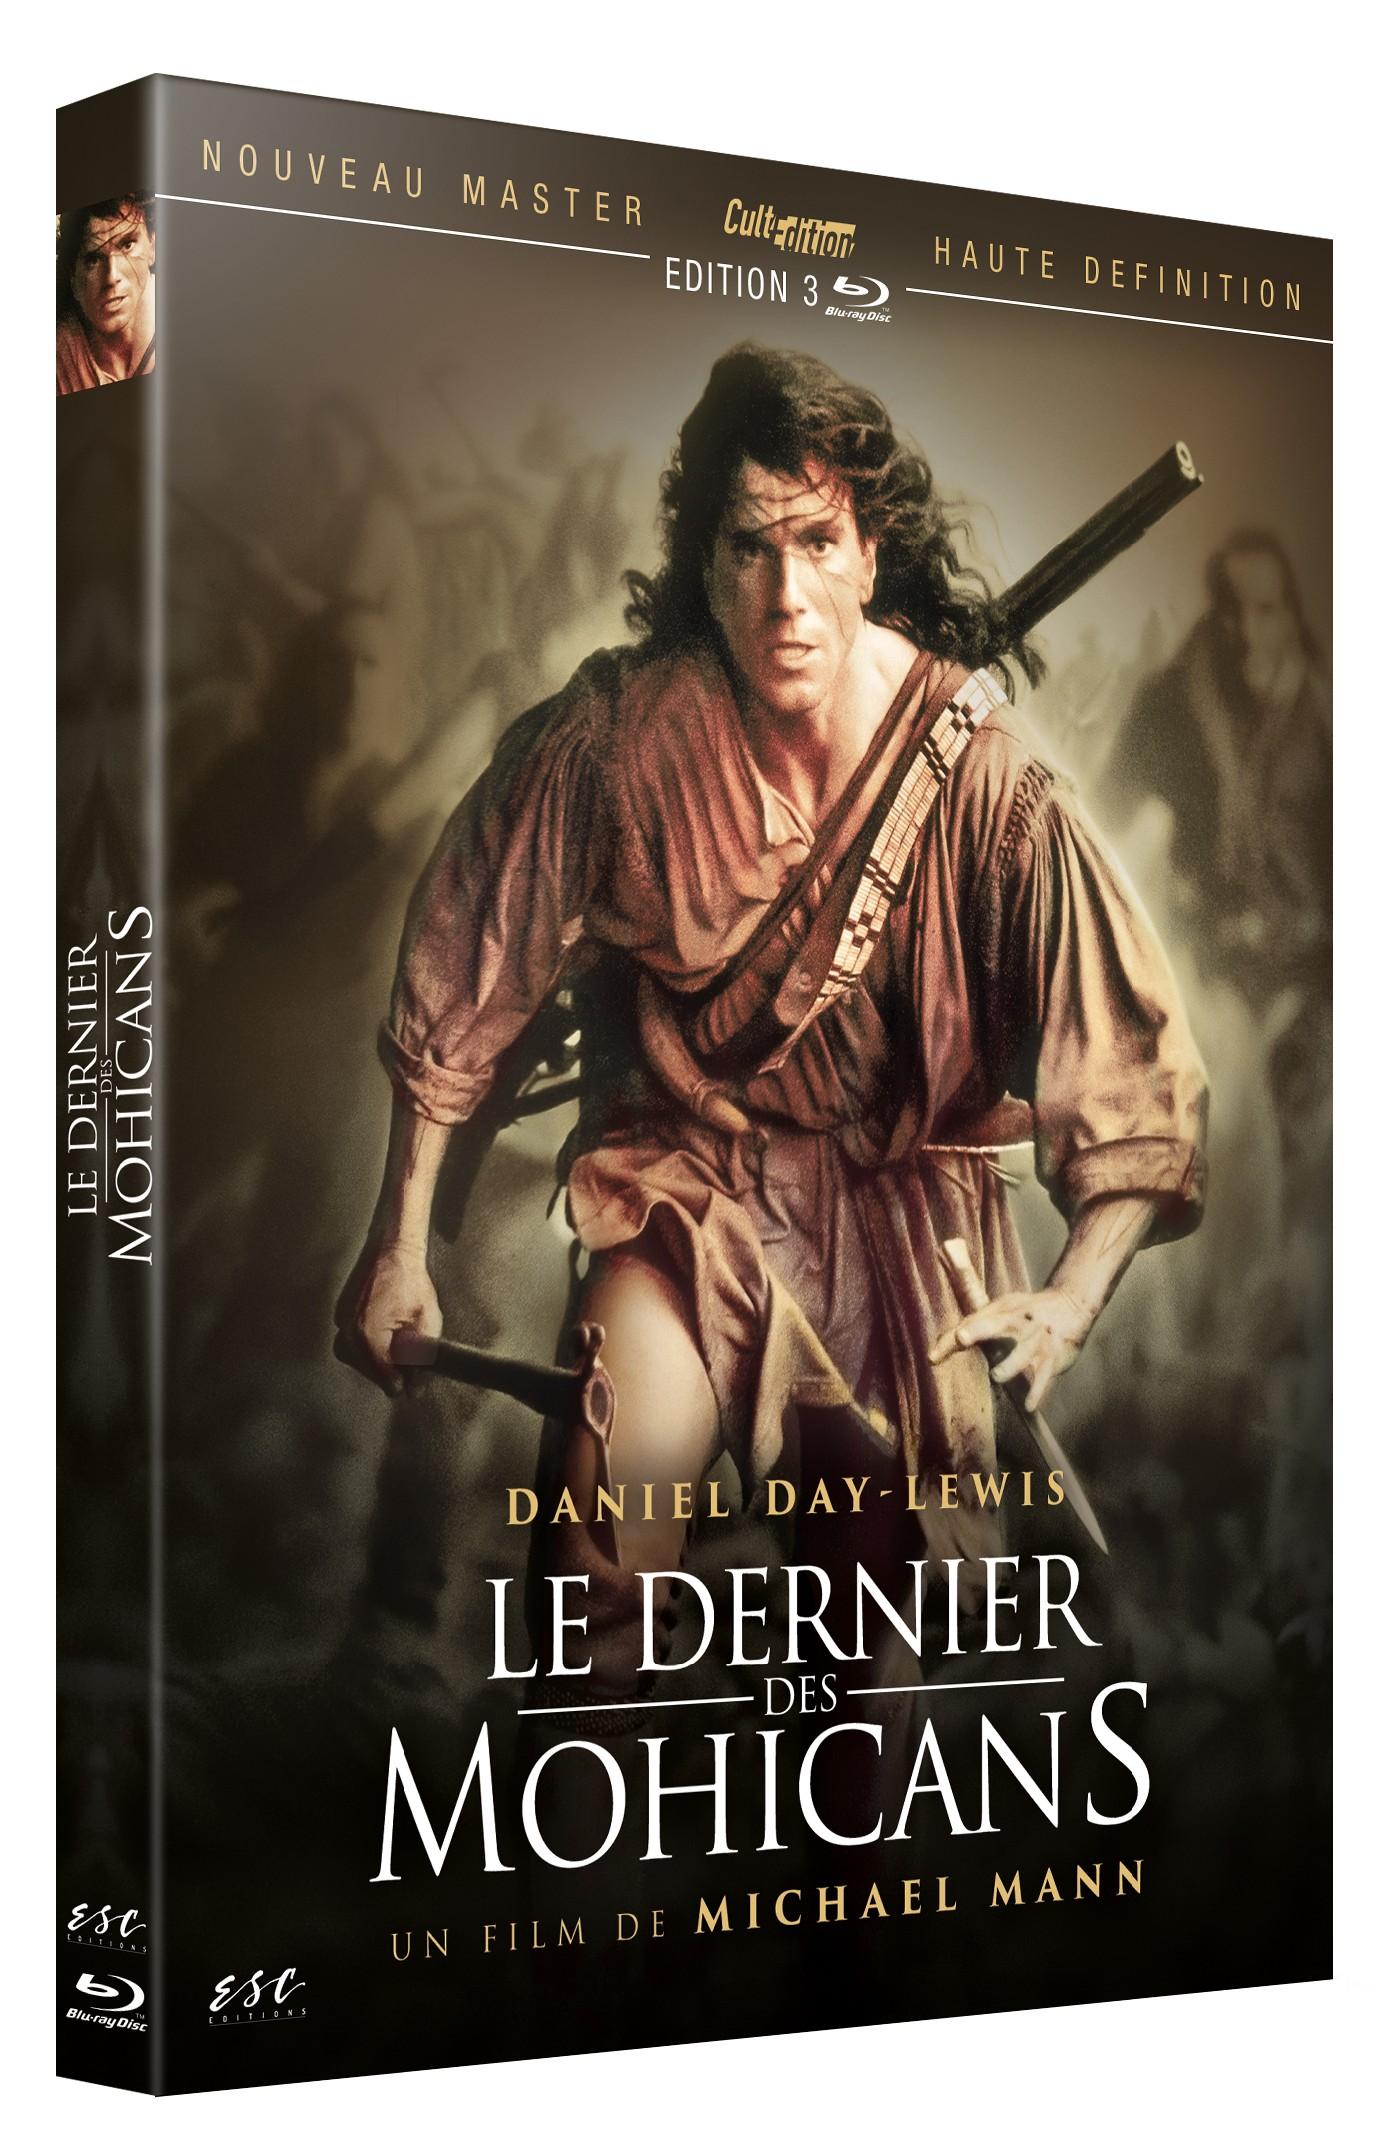 LE DERNIER DES MOHICANS - BRD (LE FILM DE MICHAEL MANN + LE FILM DE 1936 DE GEORGE B. SEITZ)